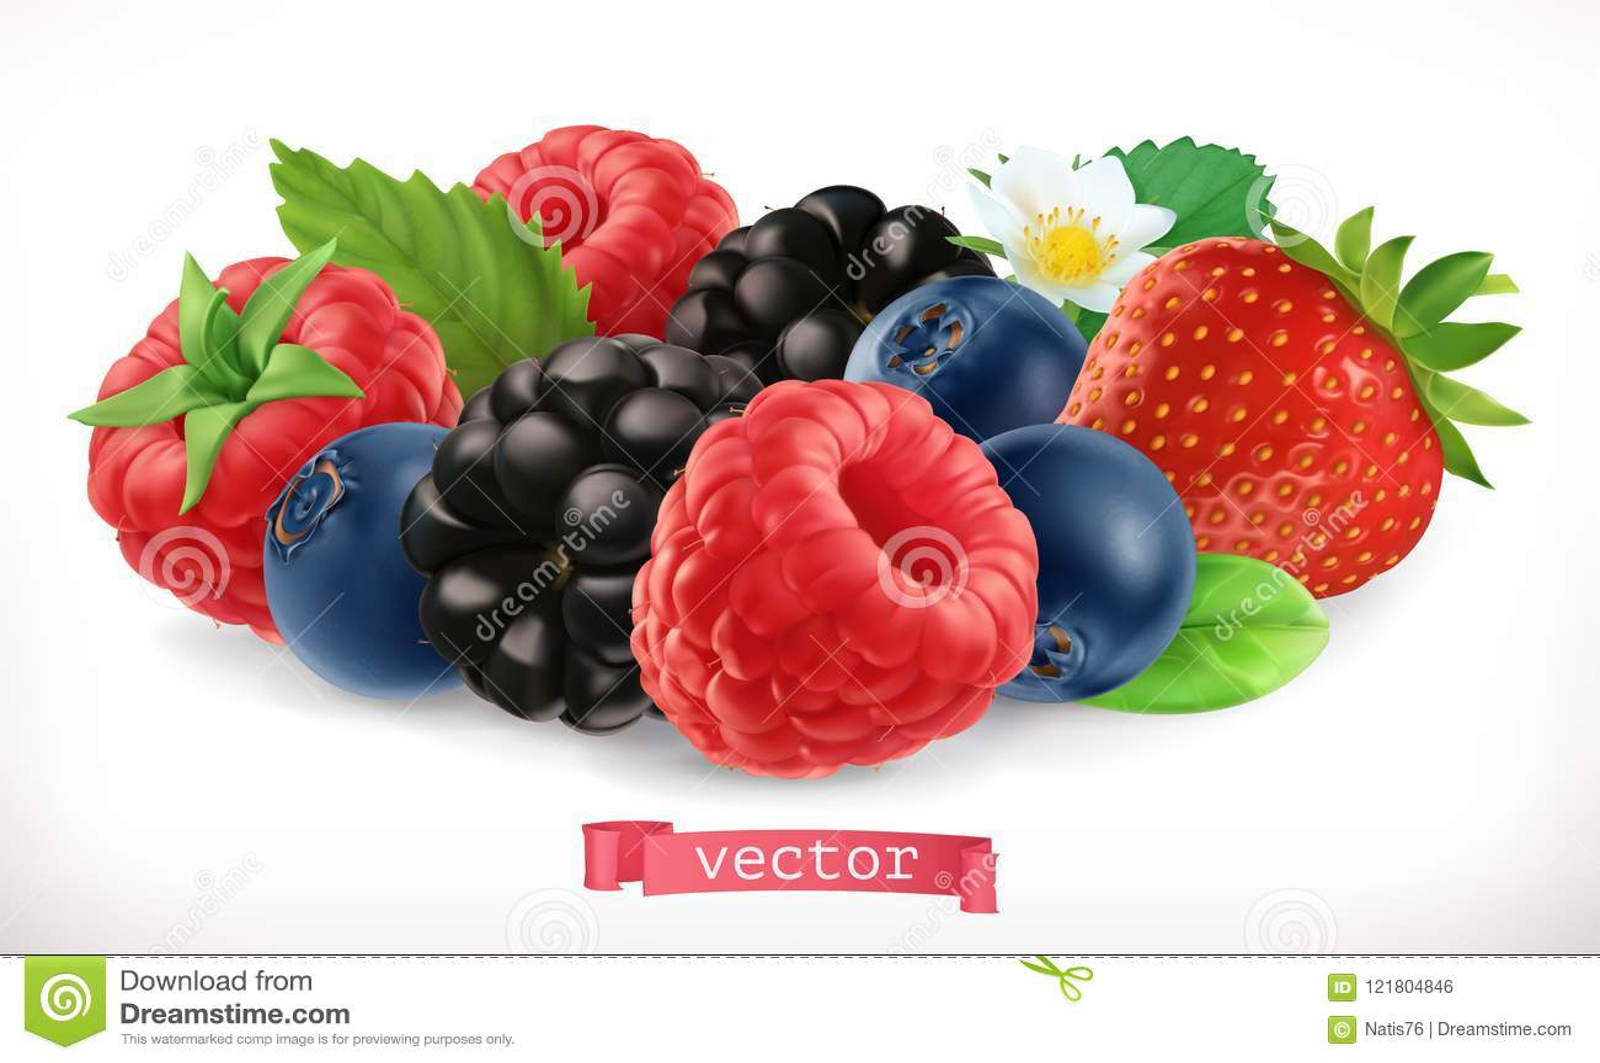 森林果子和莓果 莓、草莓、黑莓和蓝莓 3d图标向量